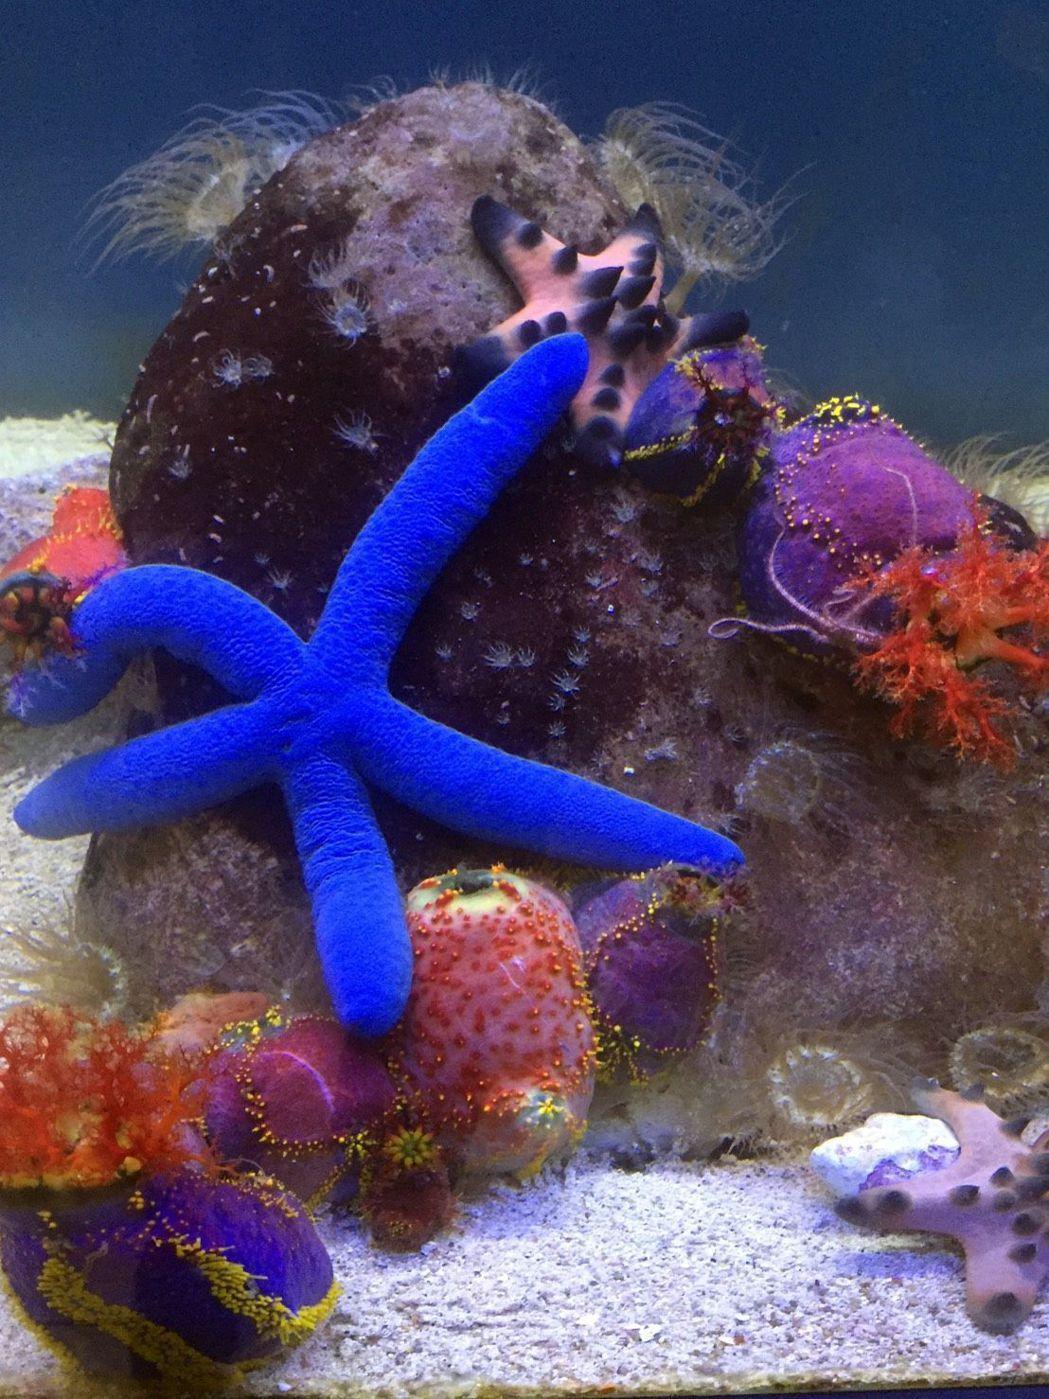 海洋奇珍園內有多種珍奇海洋生物。記者王昭月/攝影